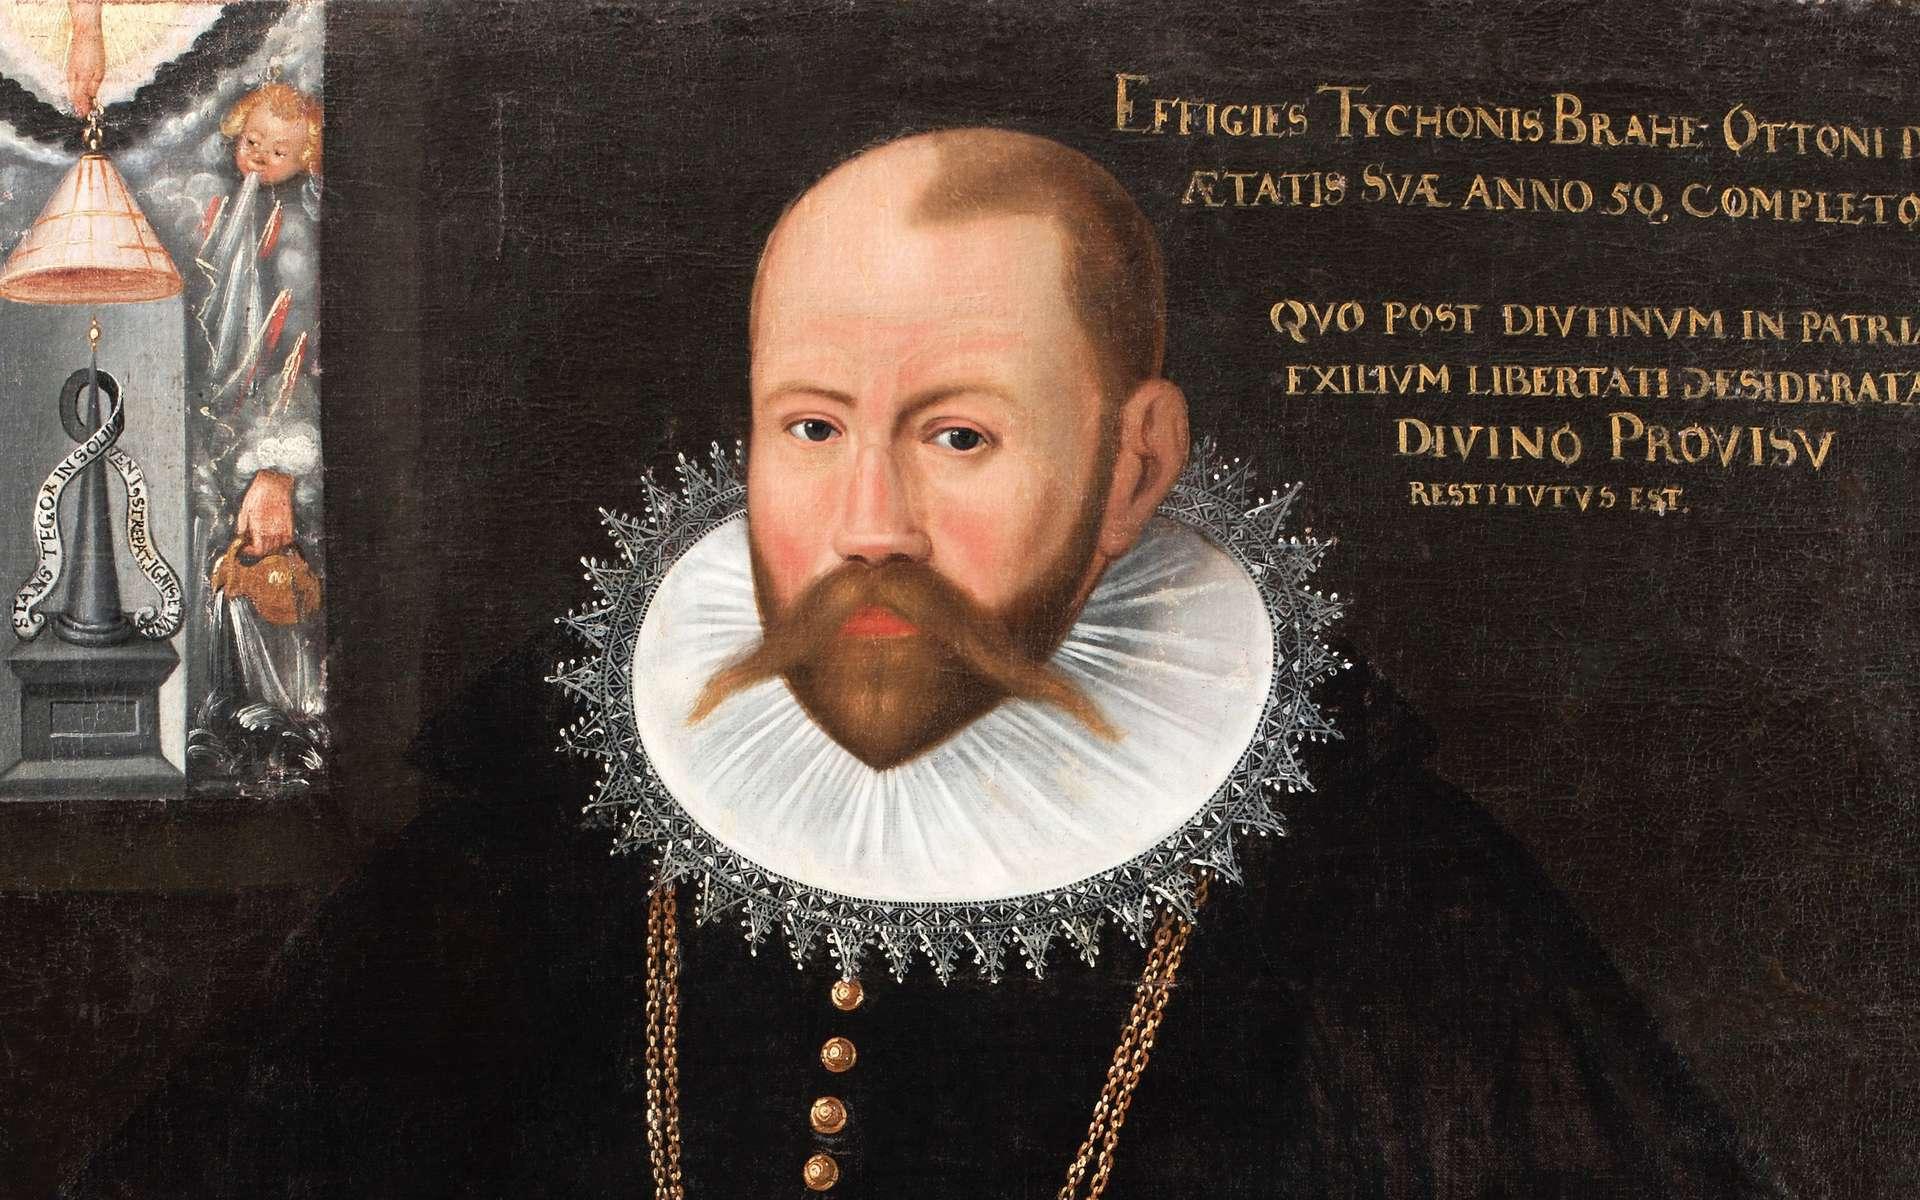 Découvrez l'histoire étonnante de Tycho Brahe dans ce premier chapitre du Cabinet de curiosités. Collection Château de Skokloster. © Wikimedia Commons, Domaine public